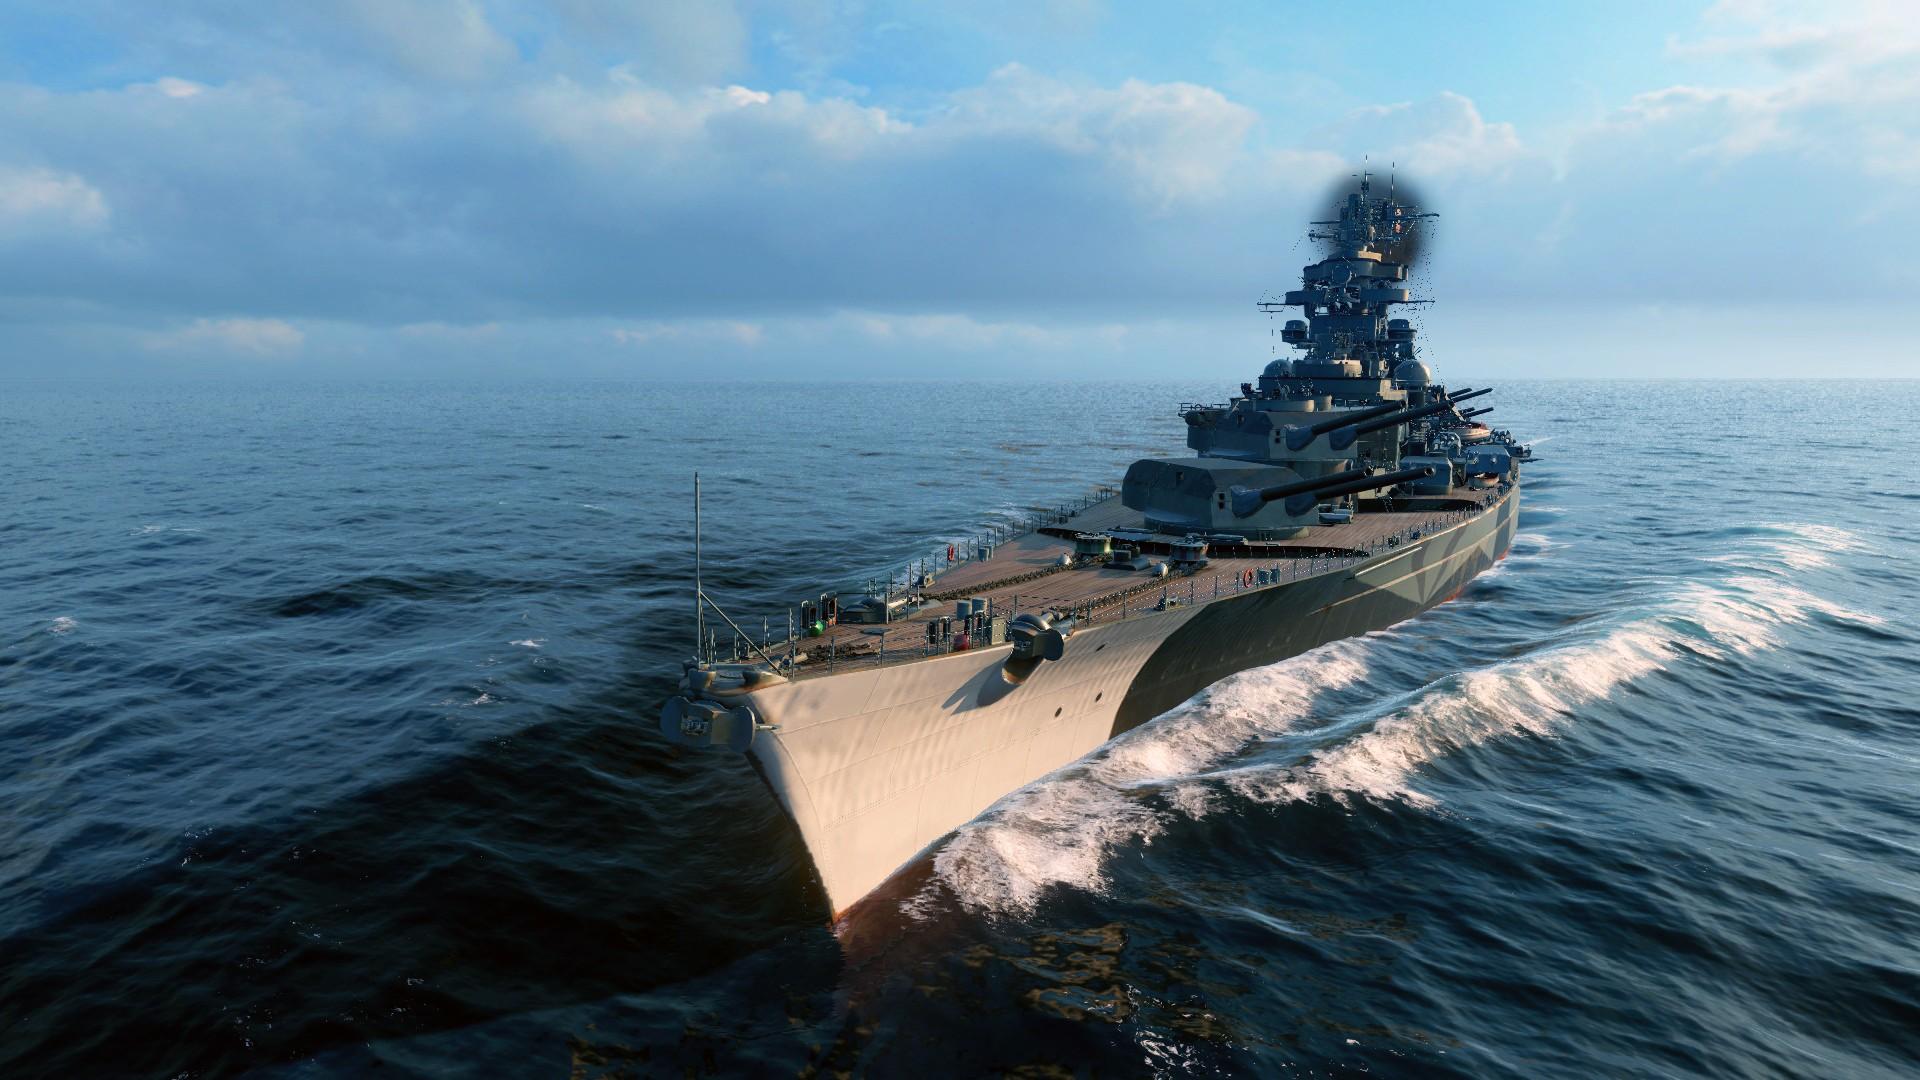 заинтересованы представлении, фото боевых кораблей на рабочий стол считают, очень почетно